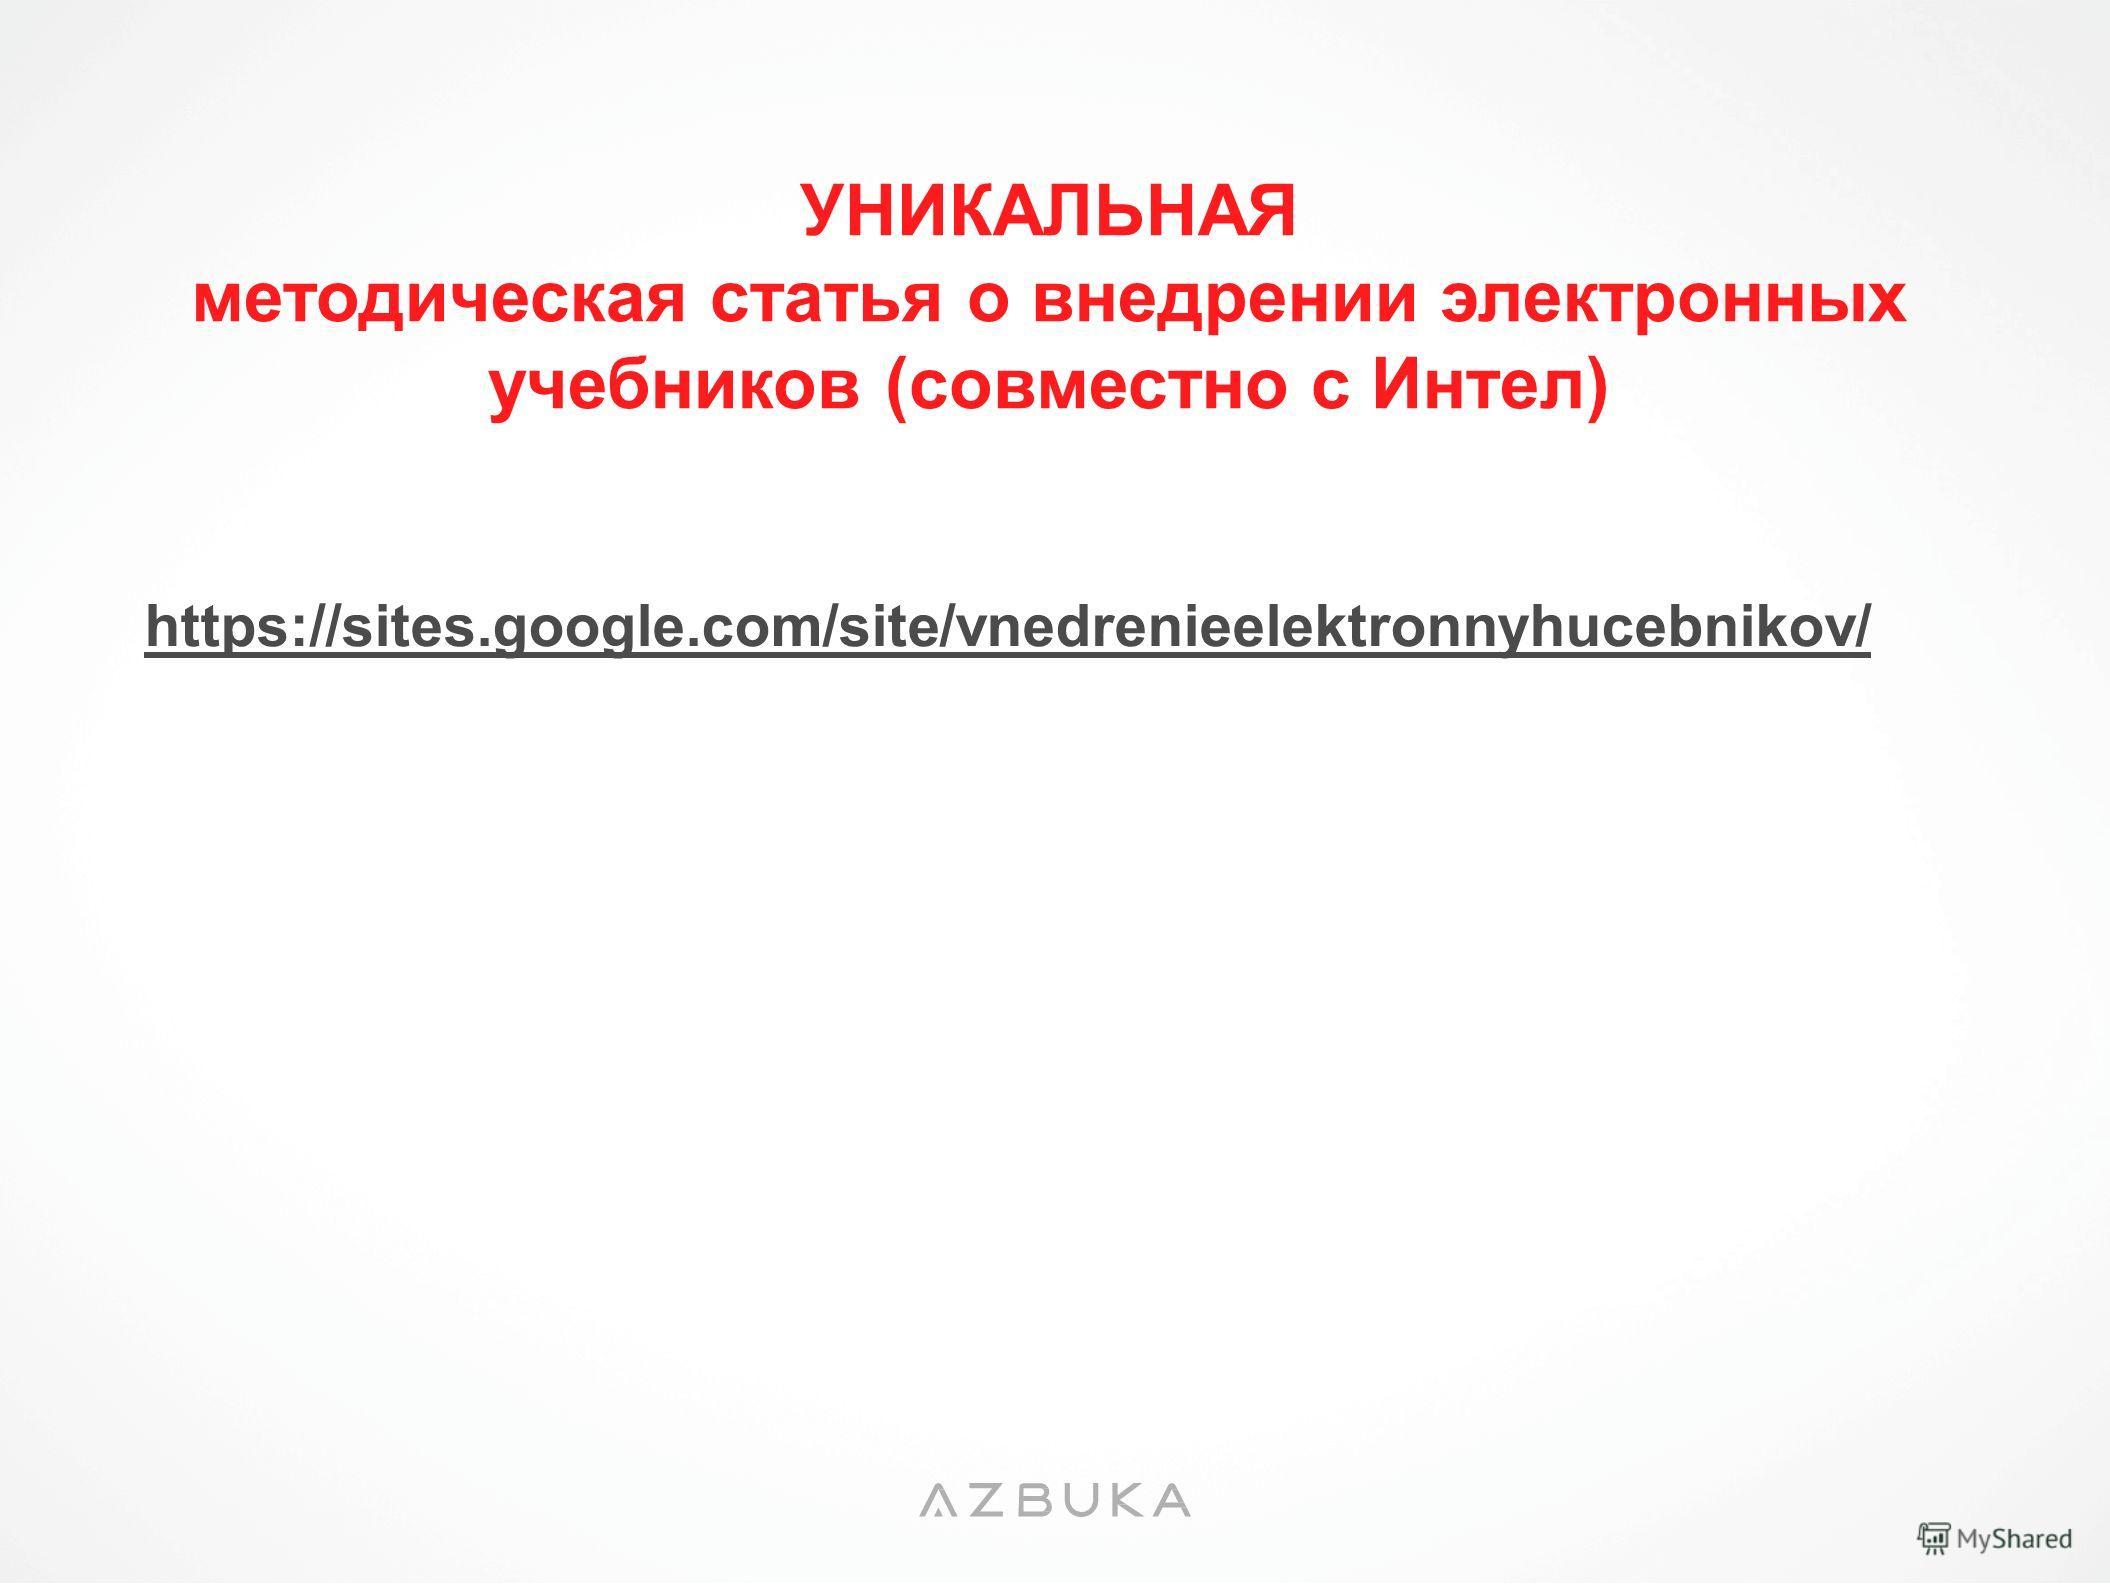 https://sites.google.com/site/vnedrenieelektronnyhucebnikov/ УНИКАЛЬНАЯ методическая статья о внедрении электронных учебников (совместно с Интел)